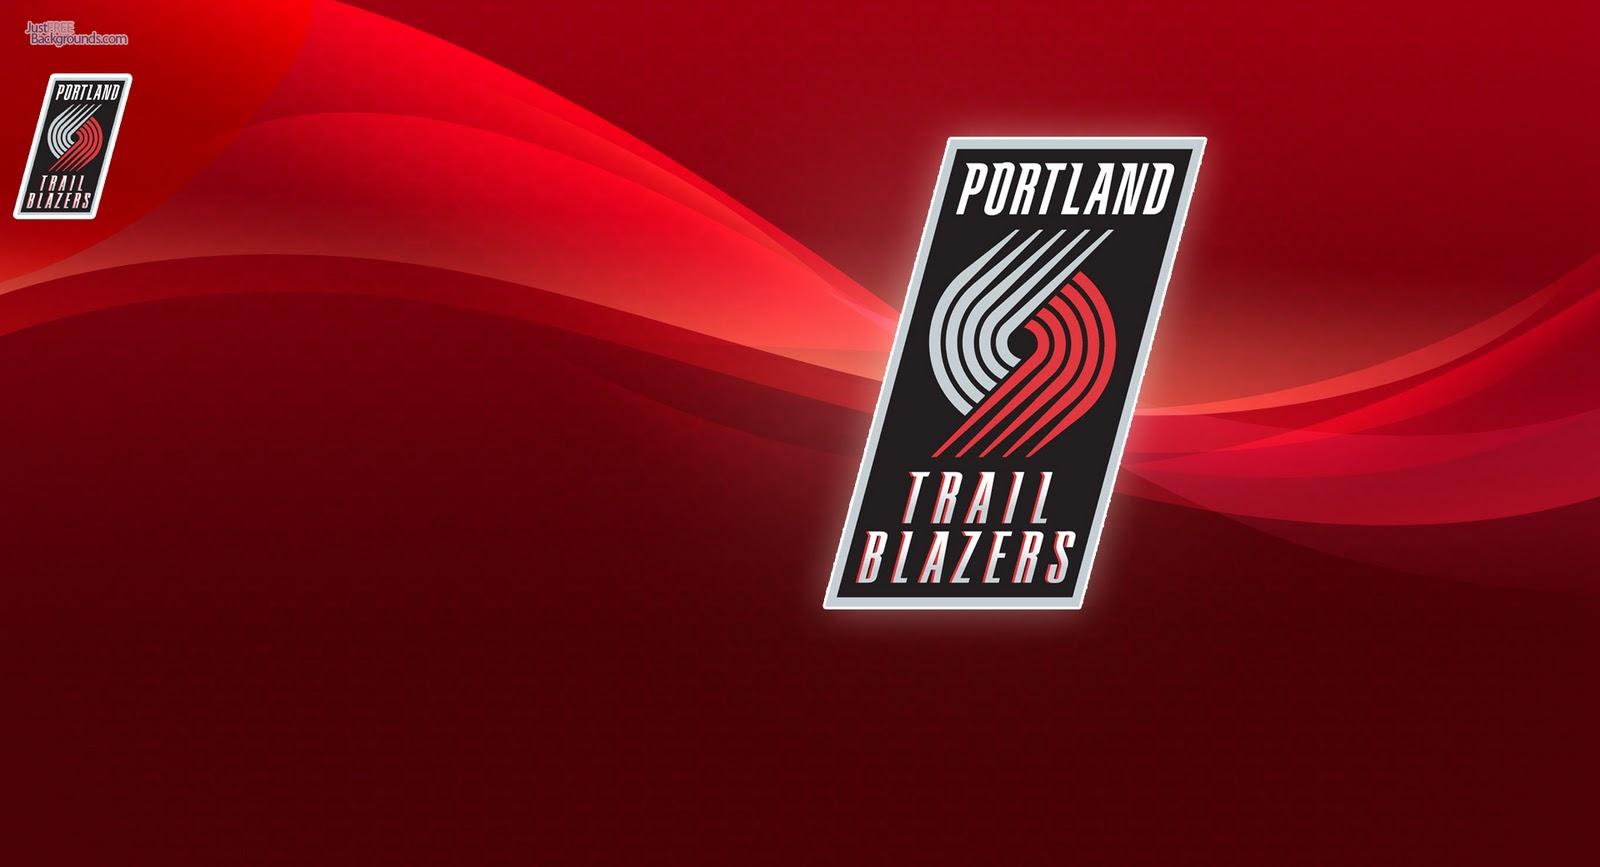 Portland Trail Blazes